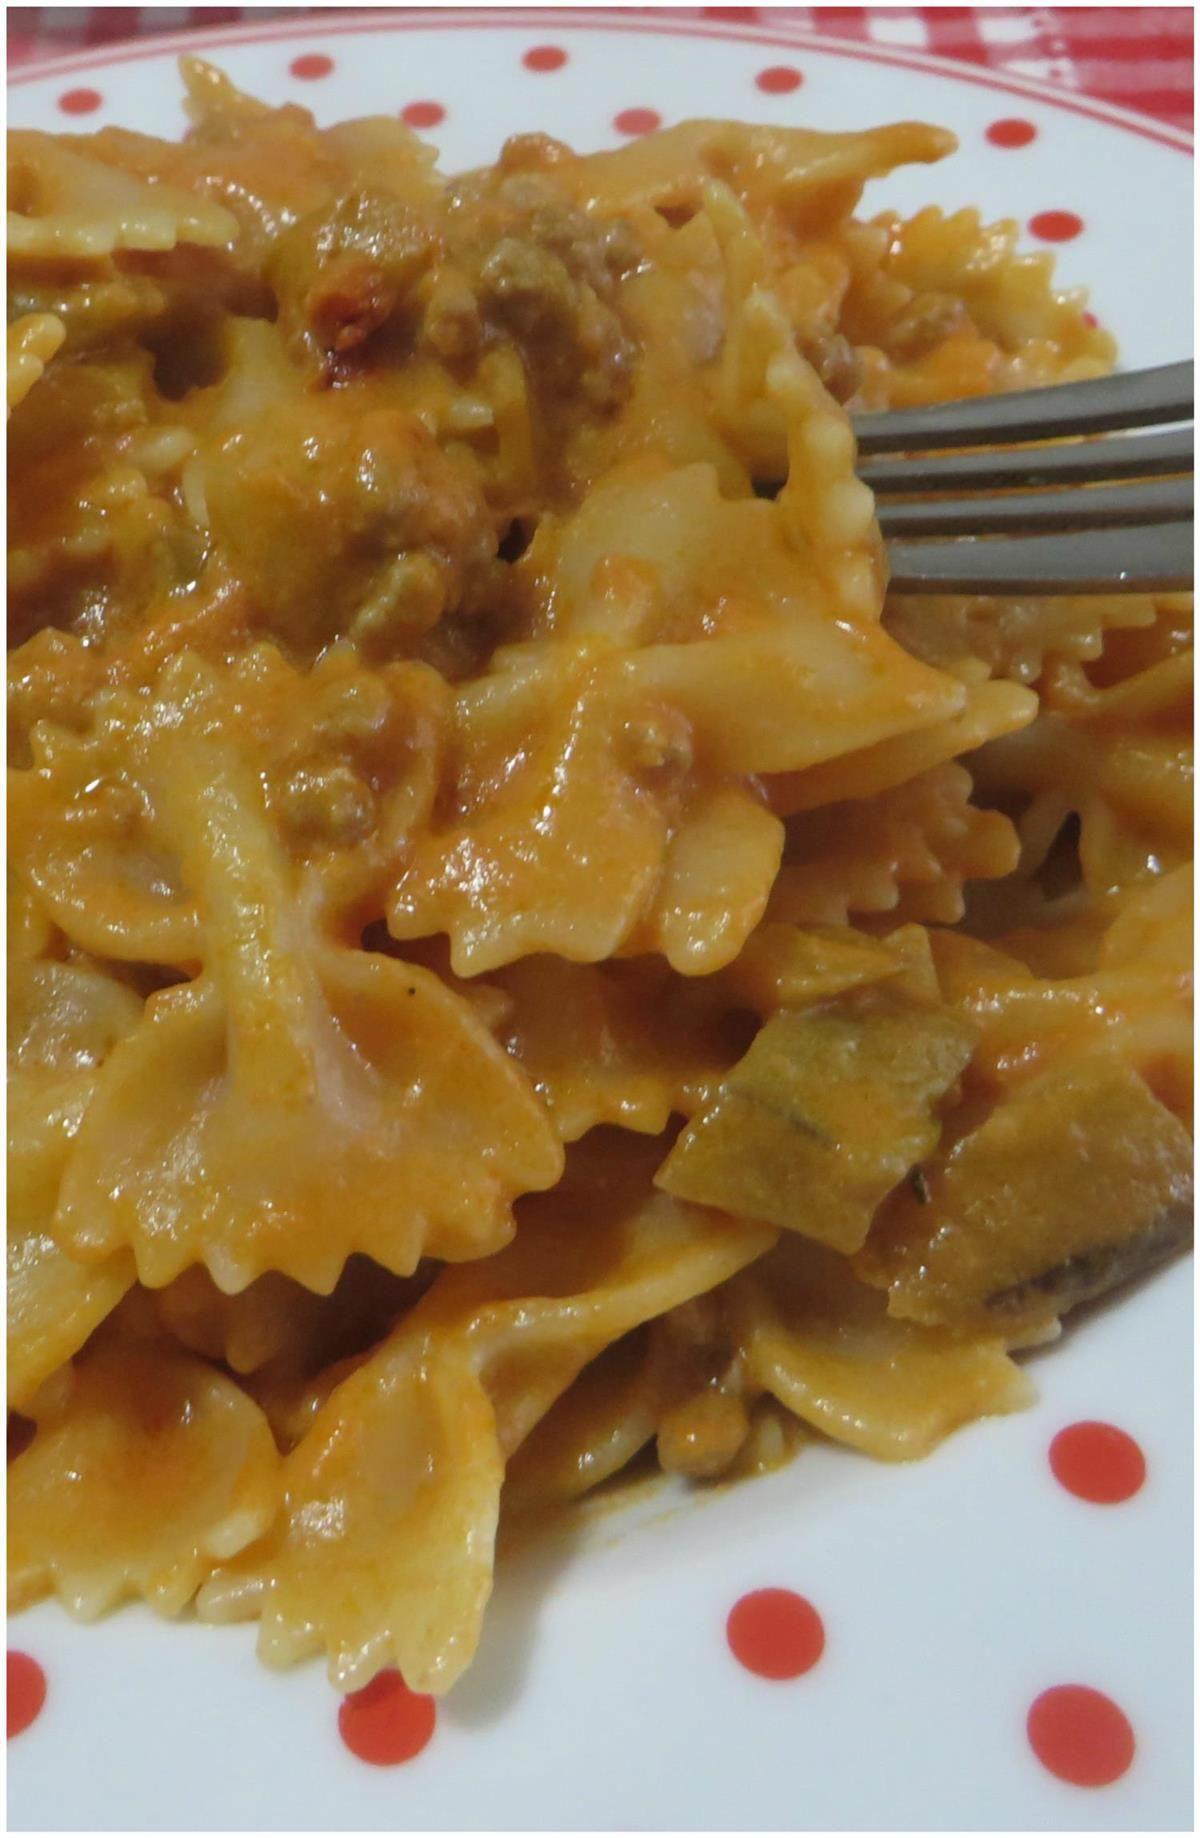 ab18e67a8dec0e9365e1dba5d6670ea1 - Ricette Pasta Con Melanzane